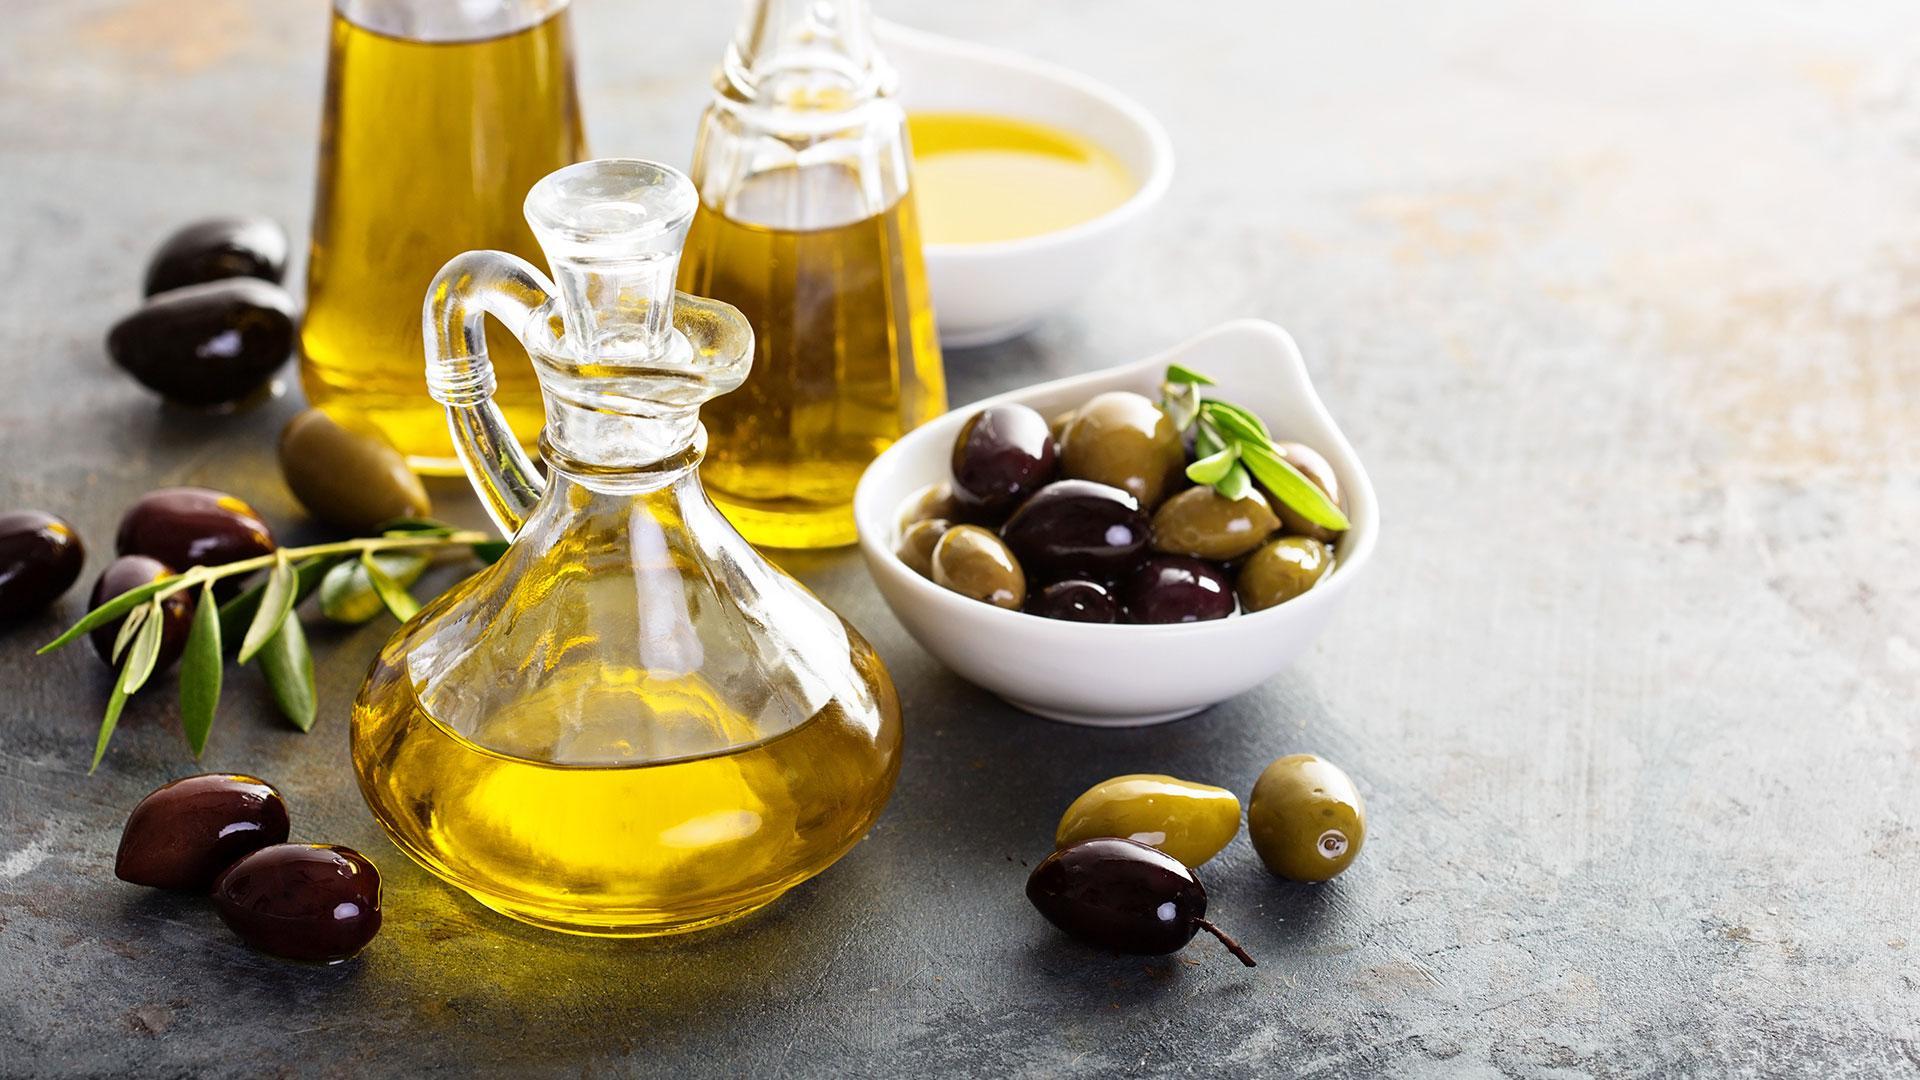 Насколько на самом деле полезно оливковое масло?